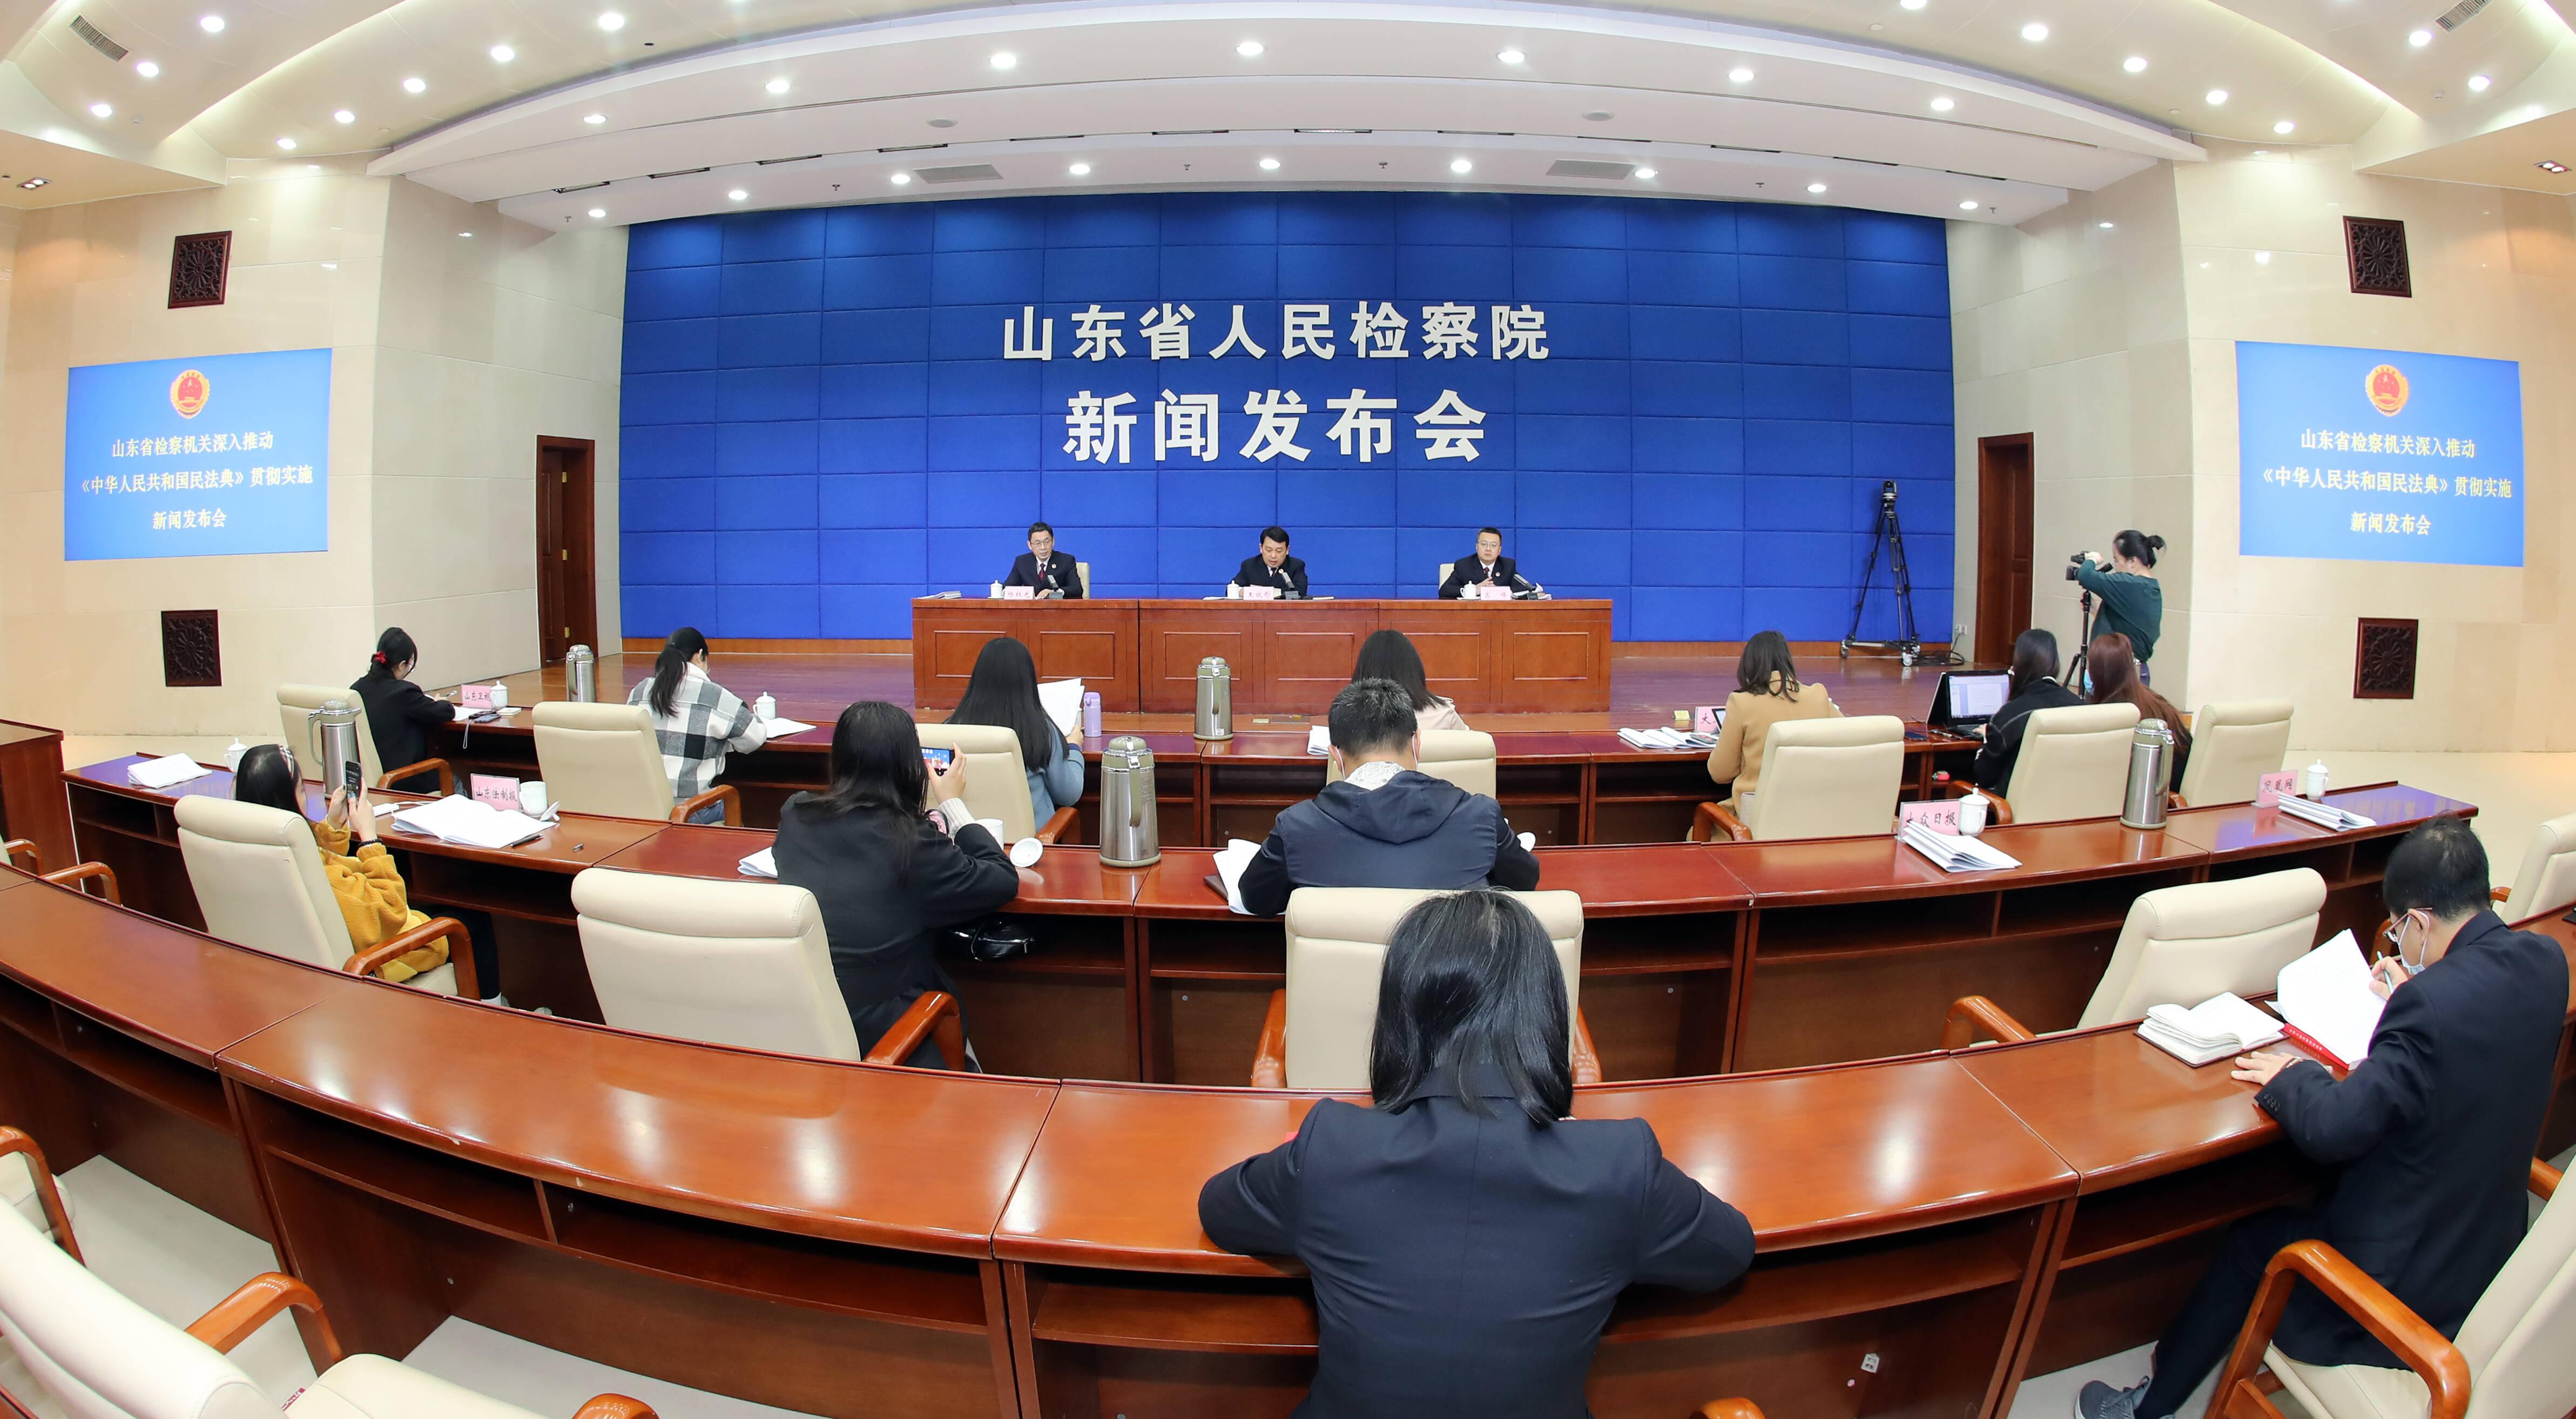 山东省检察院发布《全省检察机关关于深入推动<中华人民共和国民法典>贯彻实施的意见》